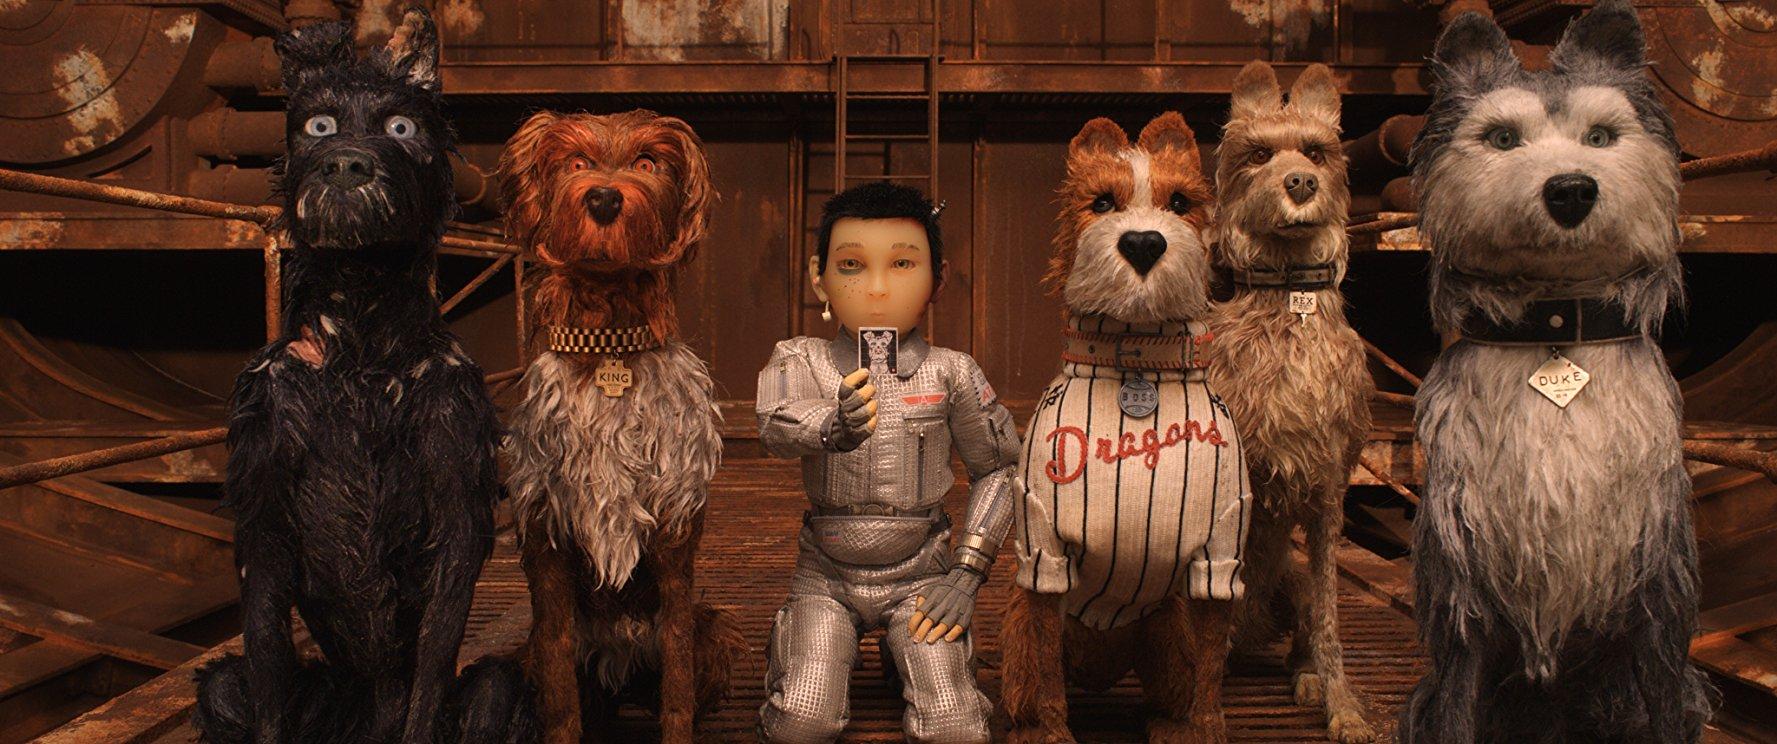 Isla de perros (Isle of Dogs): «El mundo es una gran caja de juguetes». Wes Anderson. Atari